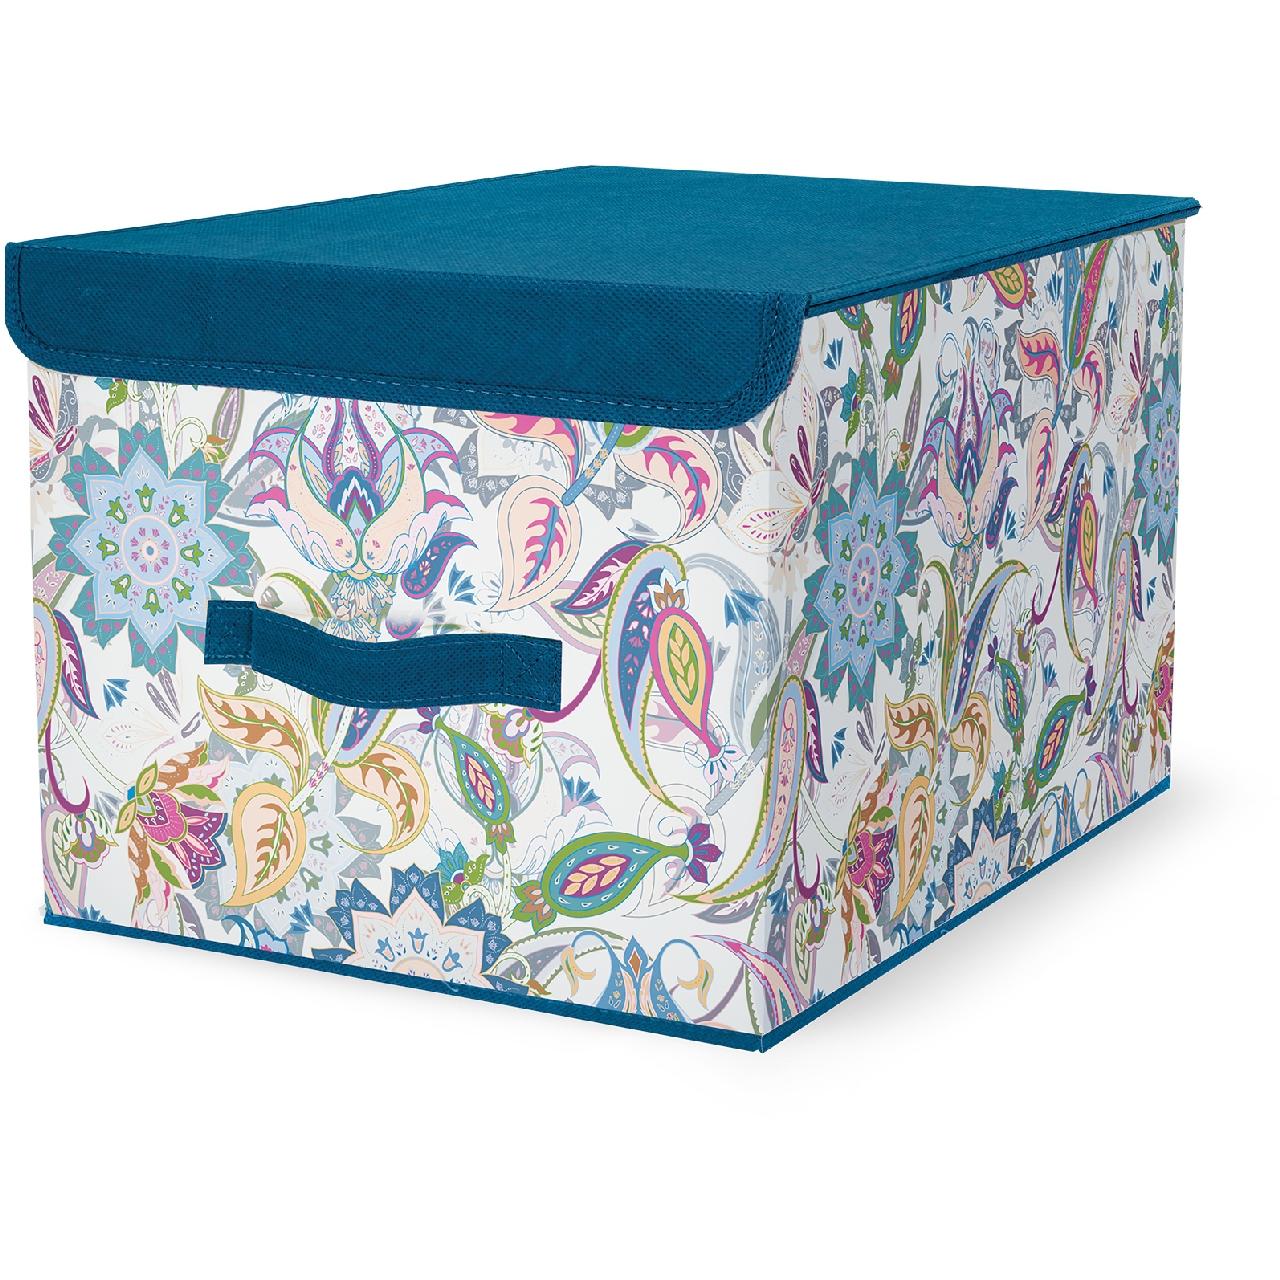 Кофр для хранения Hausmann 30х40х25 см, синий/принт hausmann кофр для хранения hm 6a 202 60x45x30 см серый